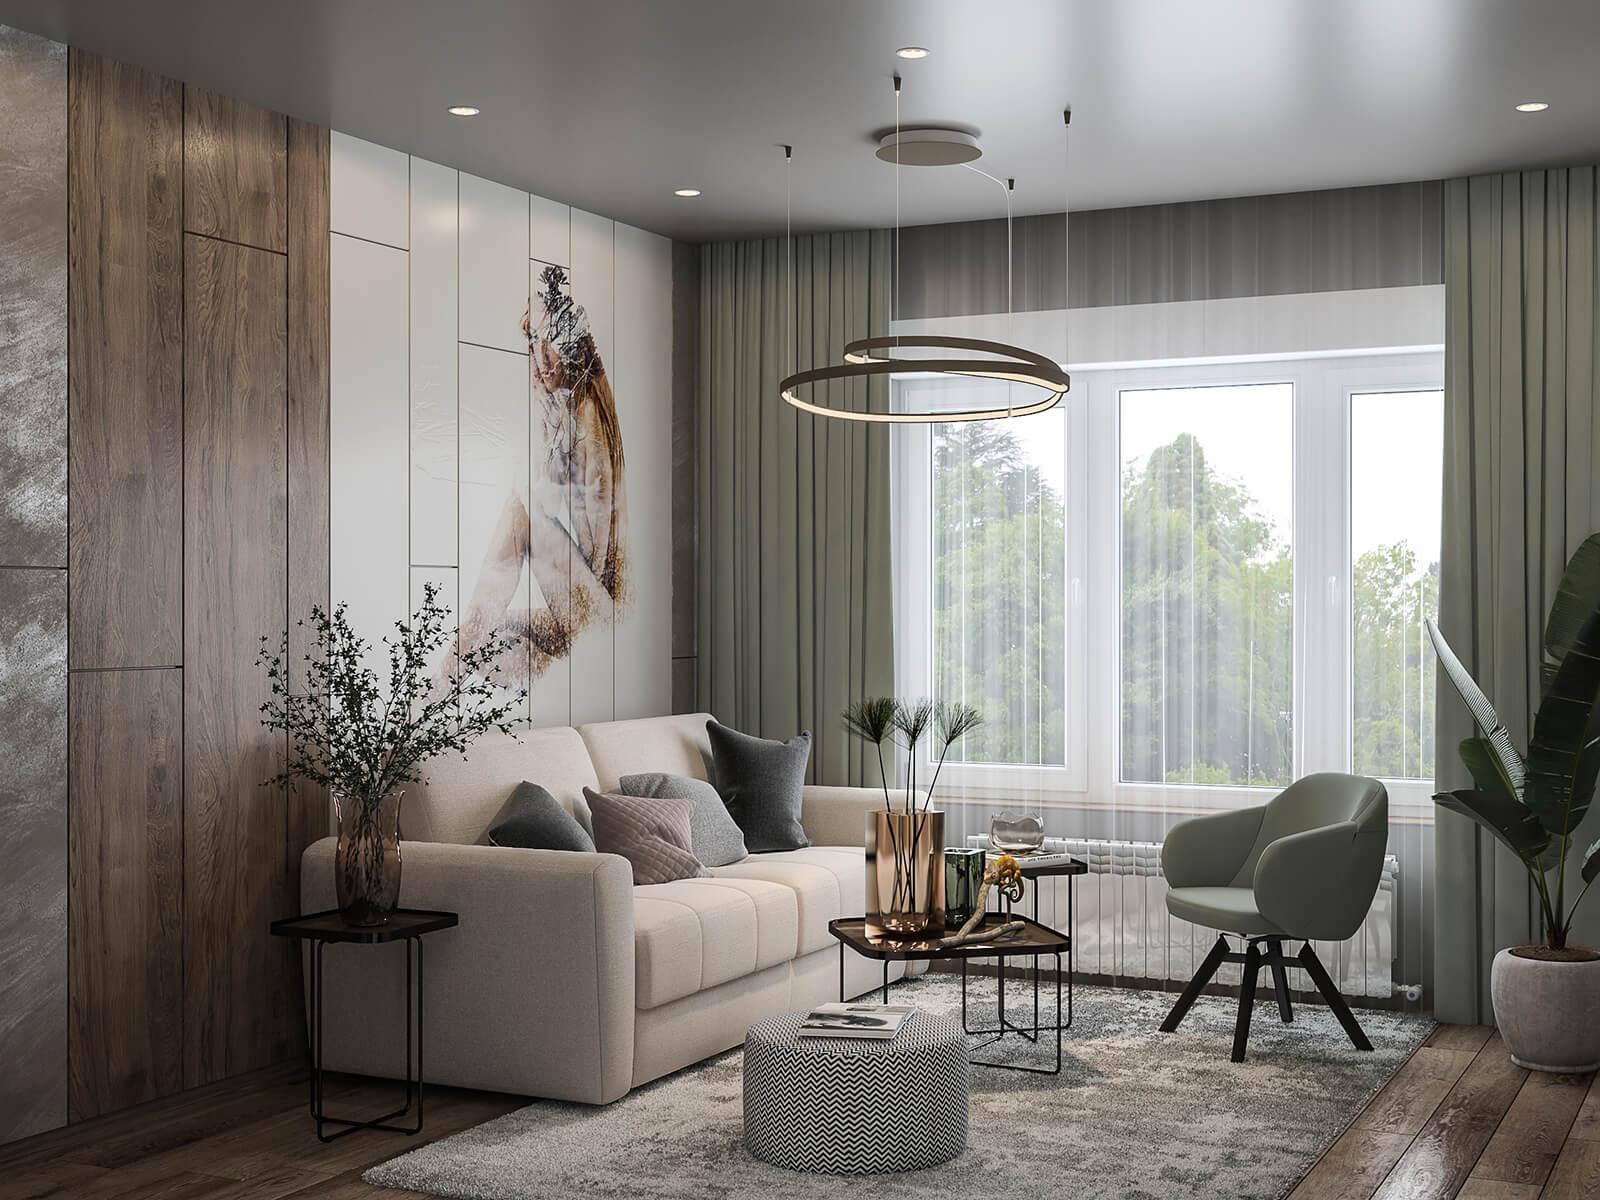 interioren-proekt-na-kabnet-i-home-office-plan